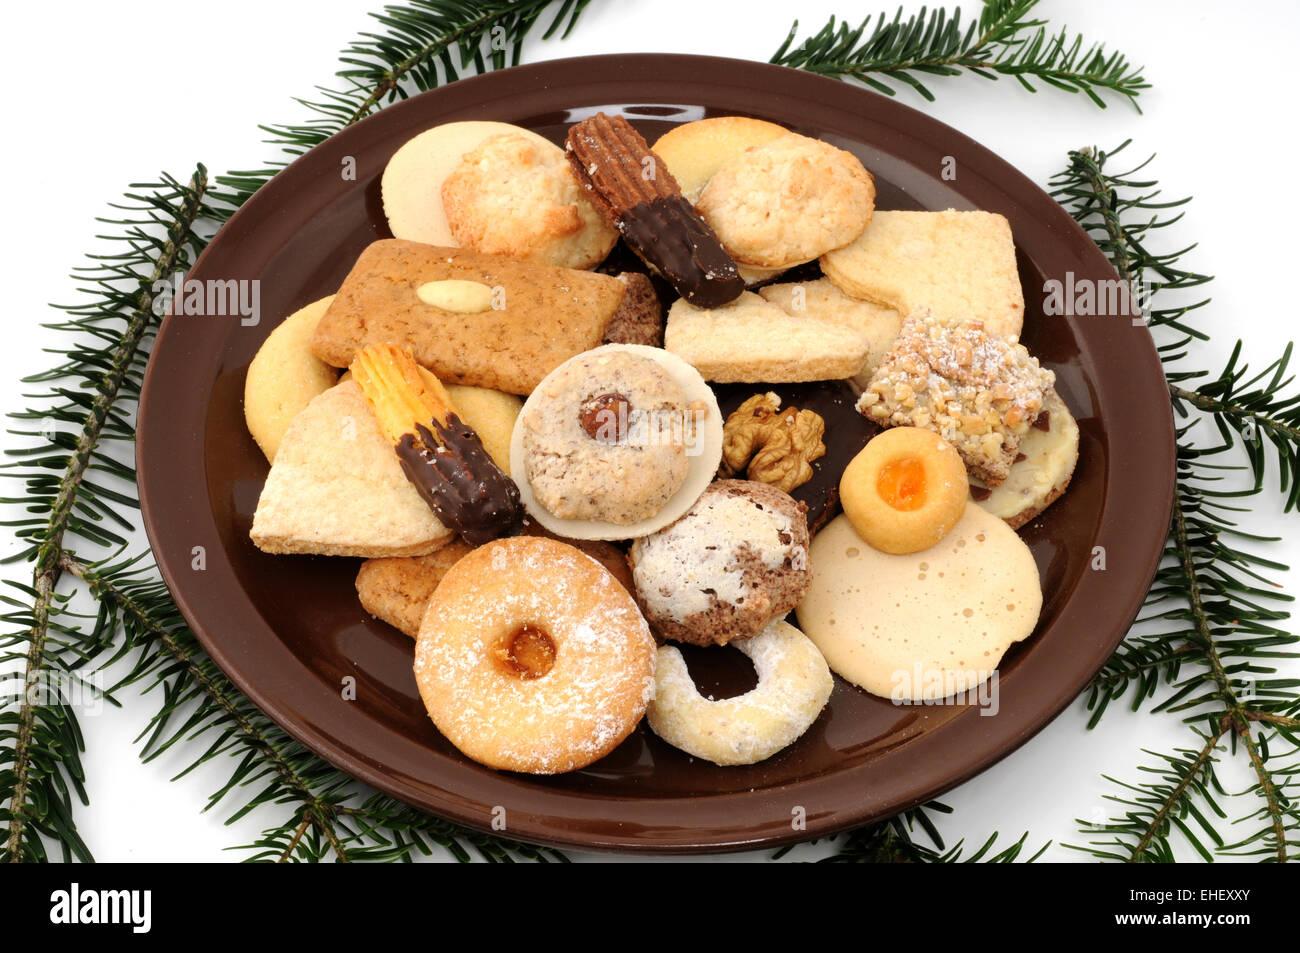 Weihnachtsgebäck 2019.Weihnachtsgebäck Christmas Cookies Stock Photo 79619091 Alamy